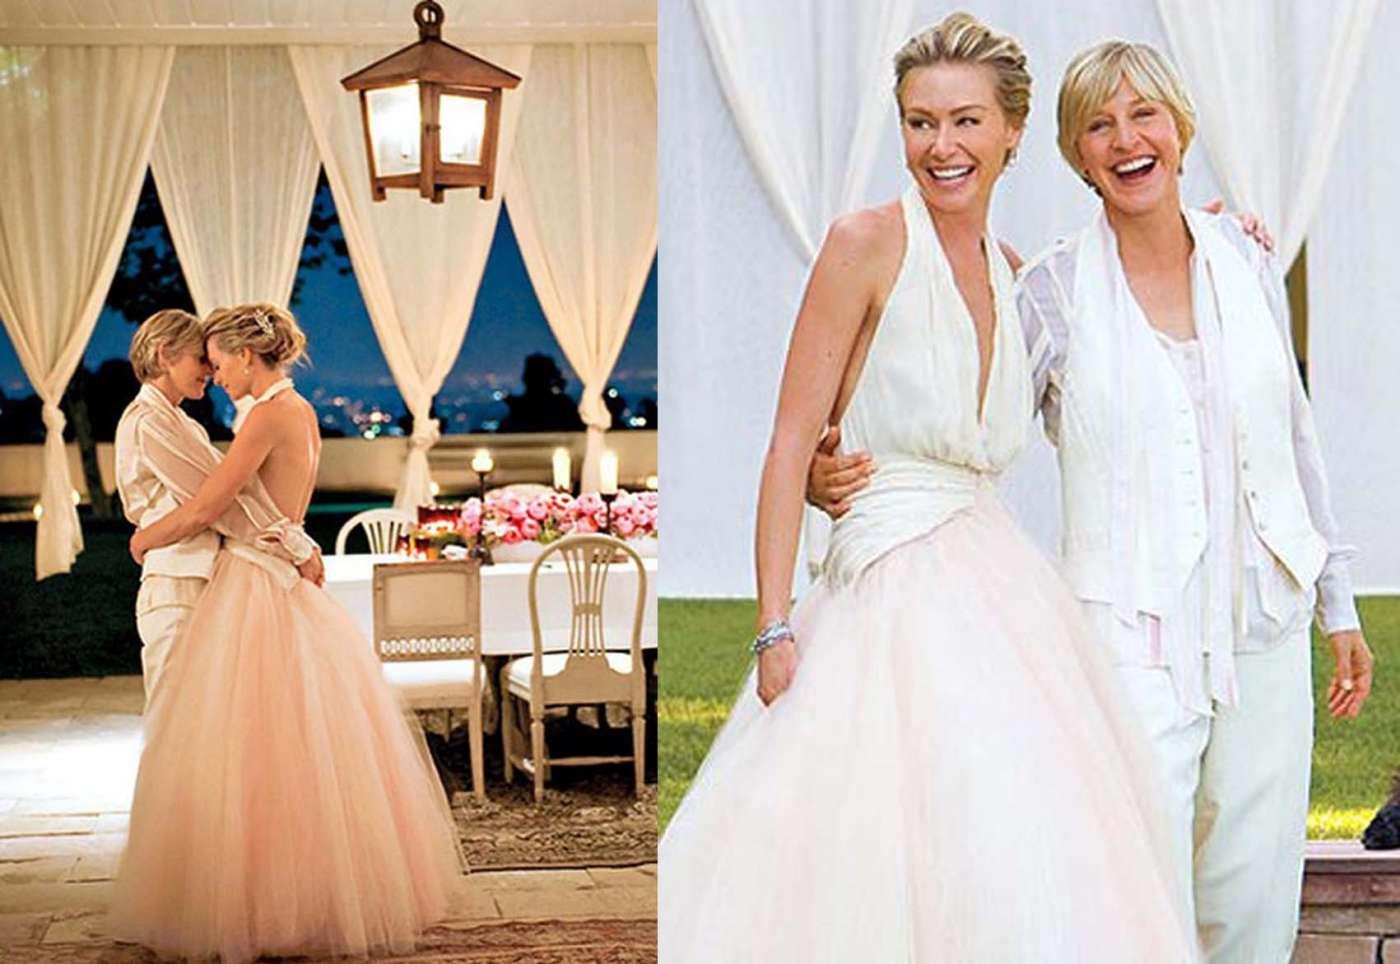 Ellen And Portia Wedding.Ellen Degeneres And Portia De Rossi Are Set To Tie The Knot In